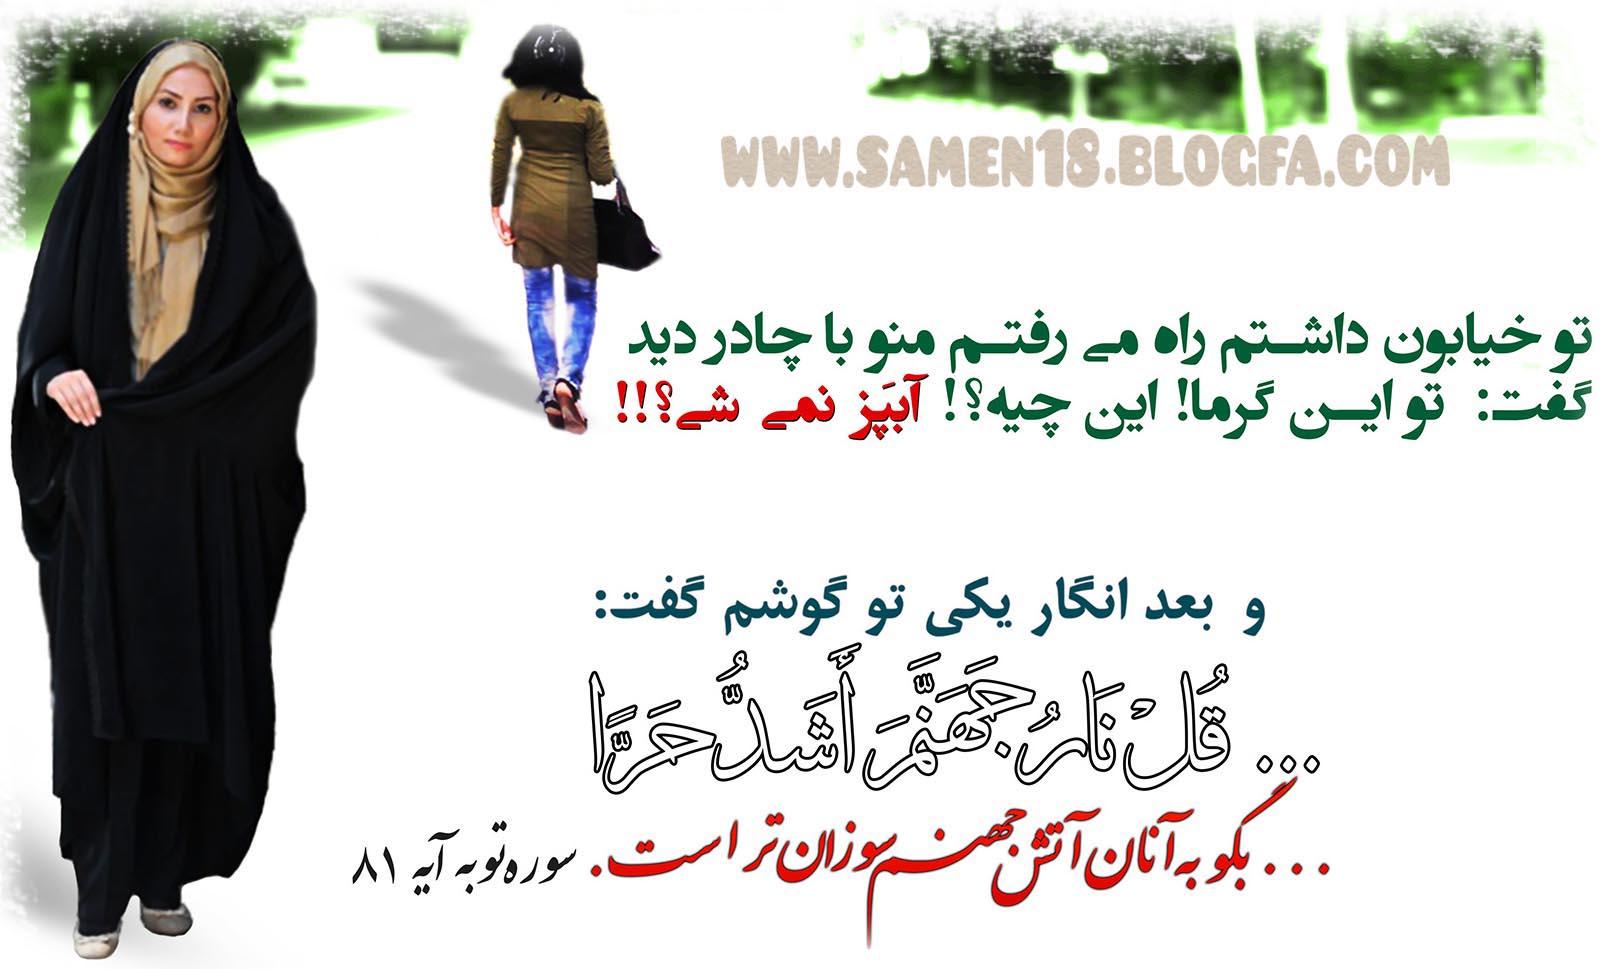 http://axgig.com/images/13261563717285309622.jpg